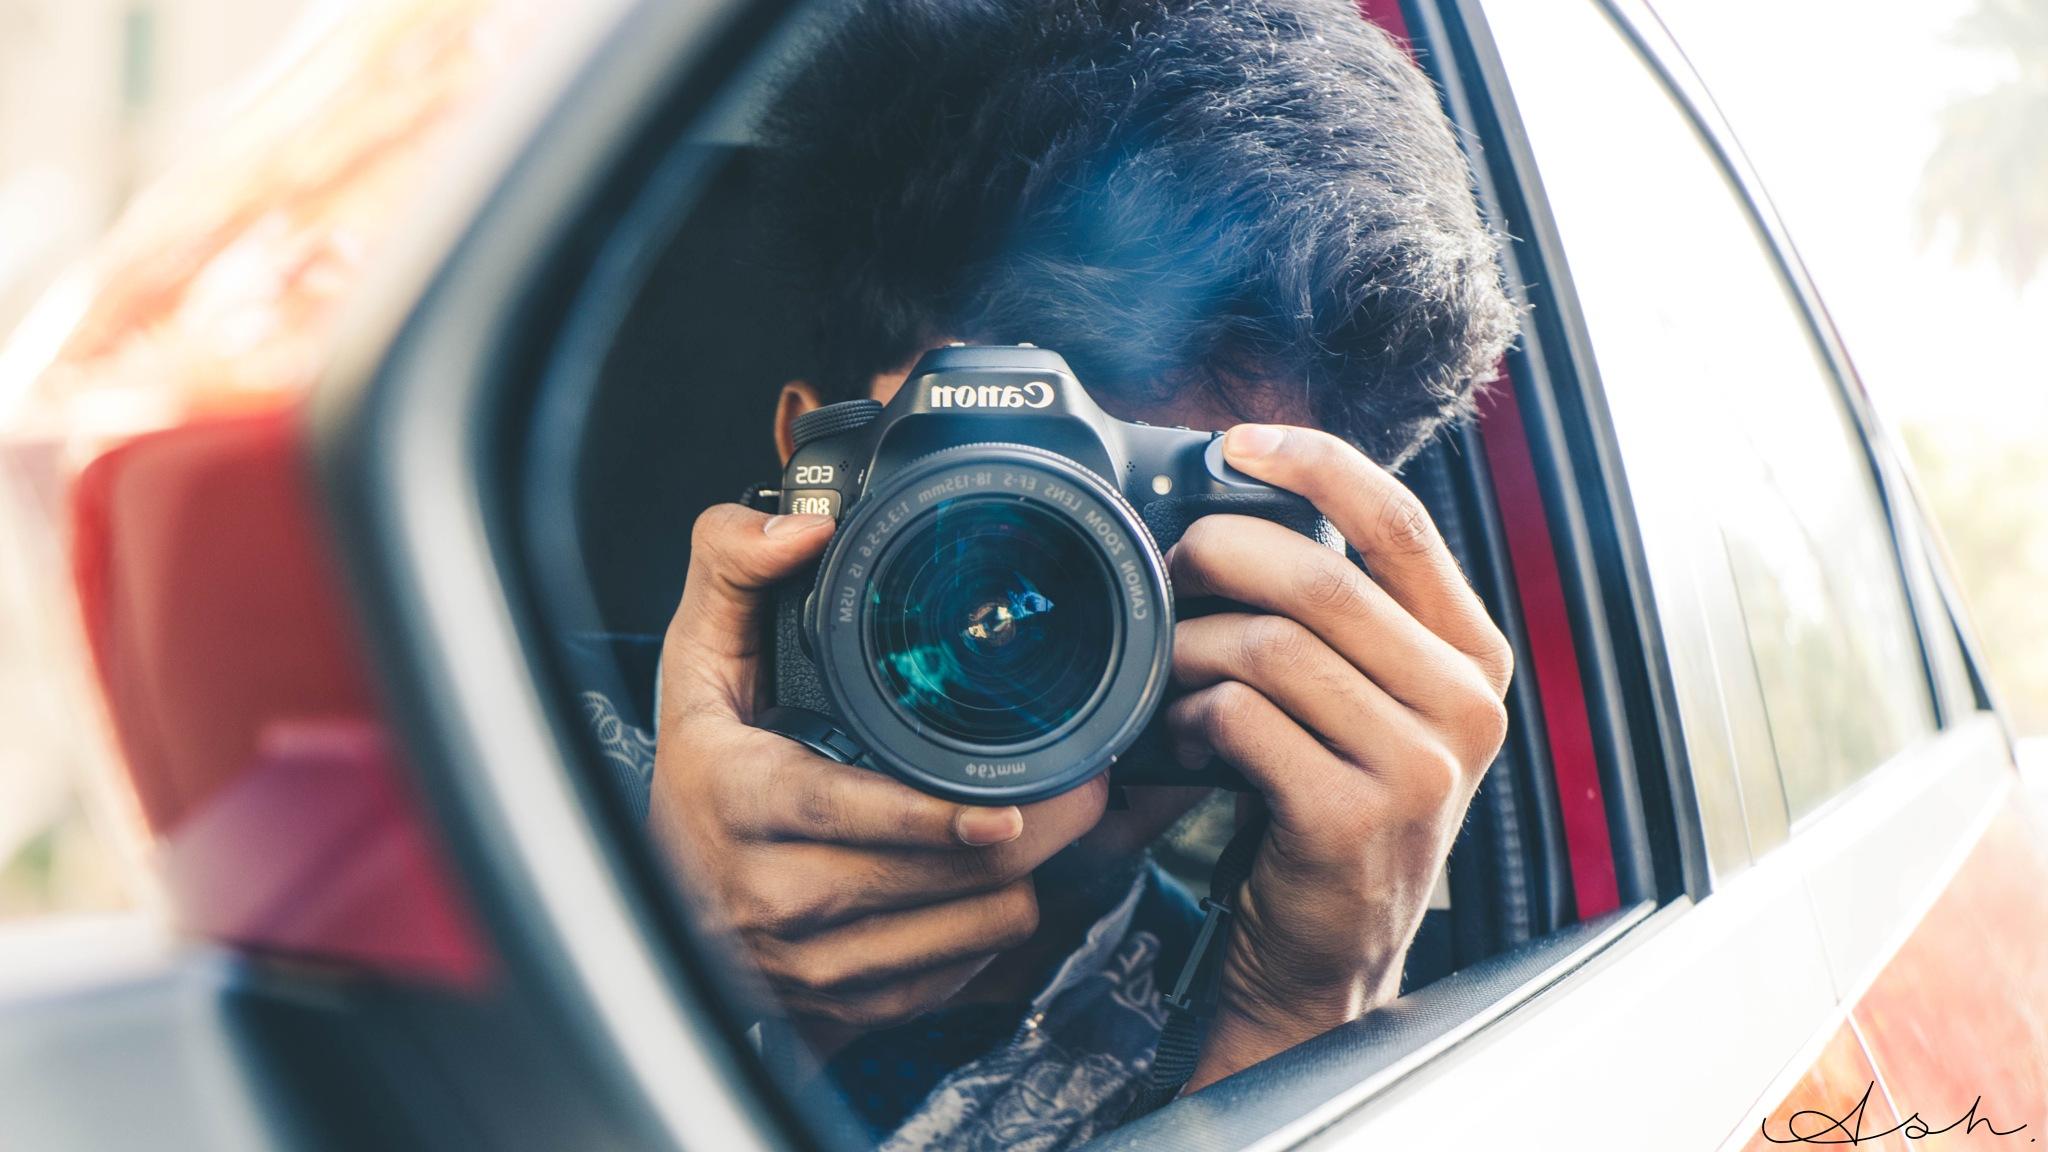 Mirror Shot by Ashwin S Kumar